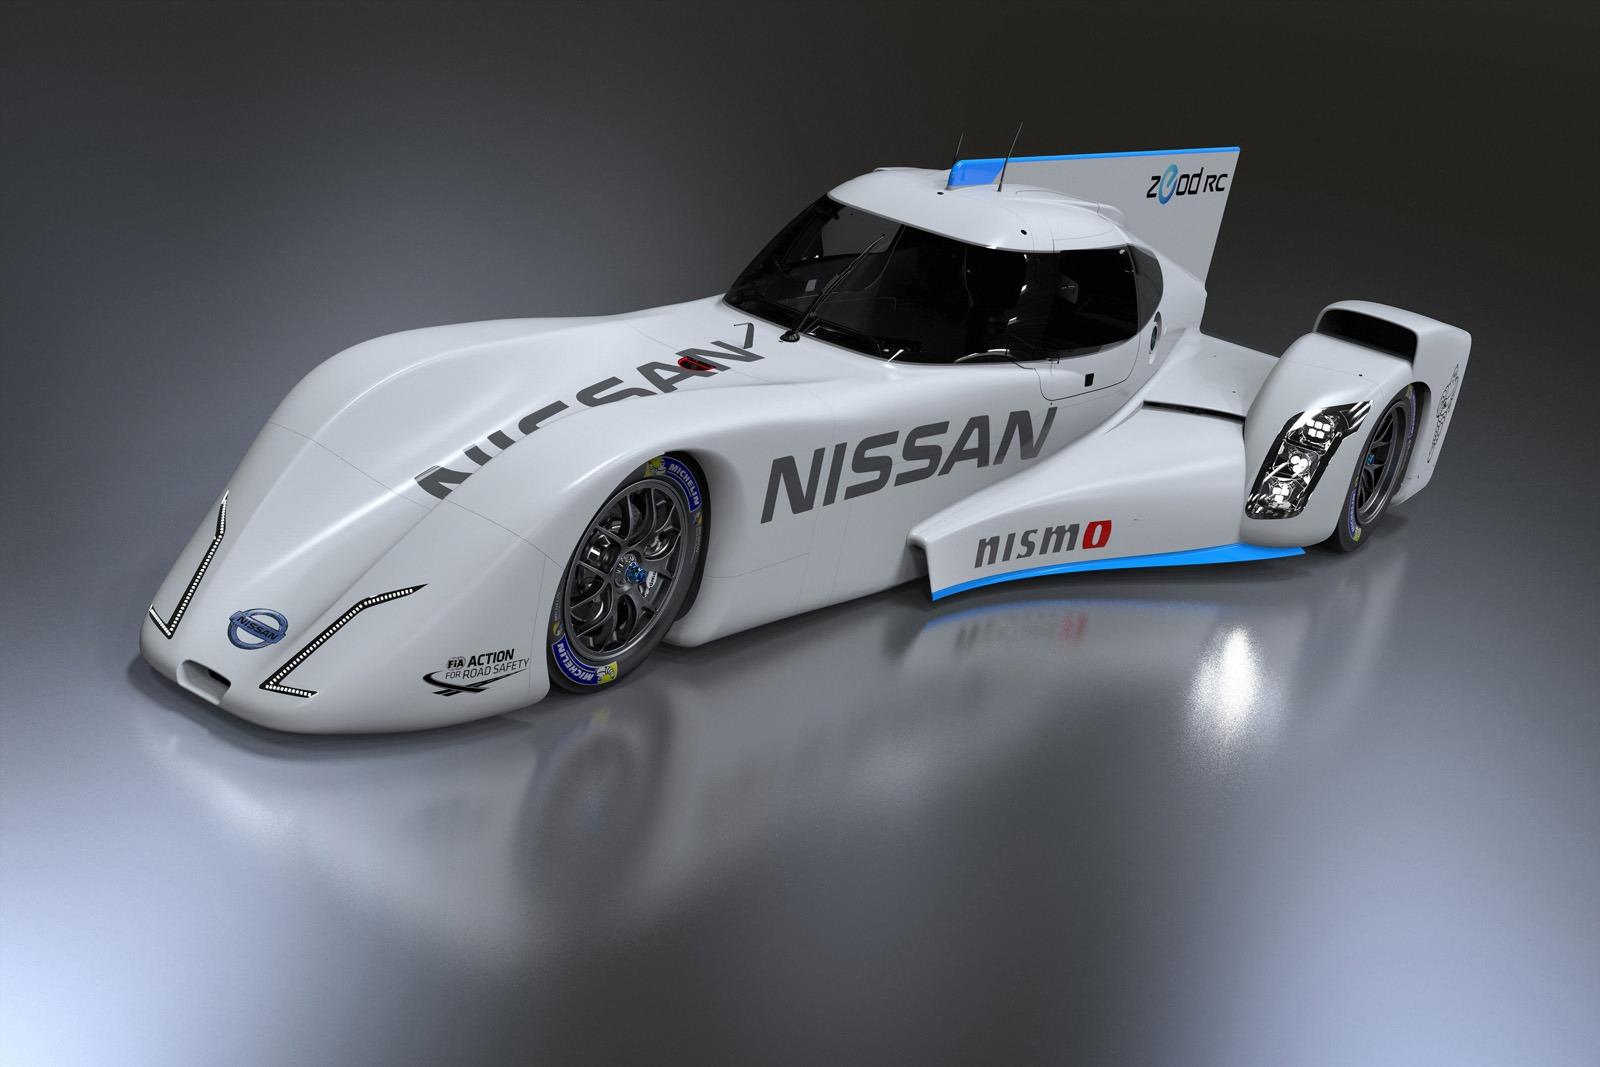 Nissan ZEOD RC phiên bản mới có thêm động cơ tăng áp